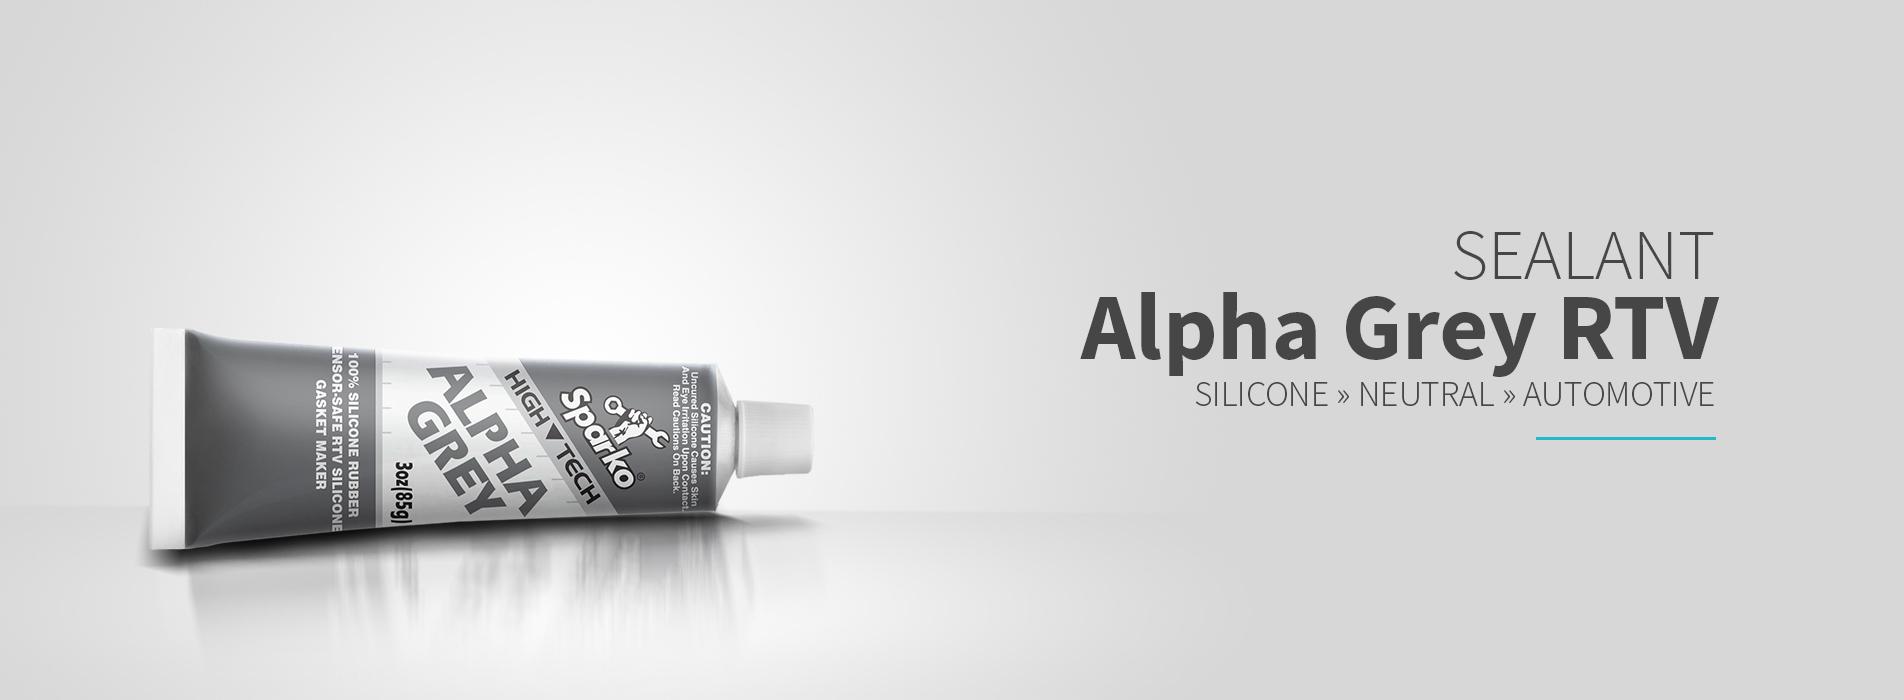 OCI Sparko Alpha Grey RTV Silicon - 100% Silicon Rubber Gasket Maker